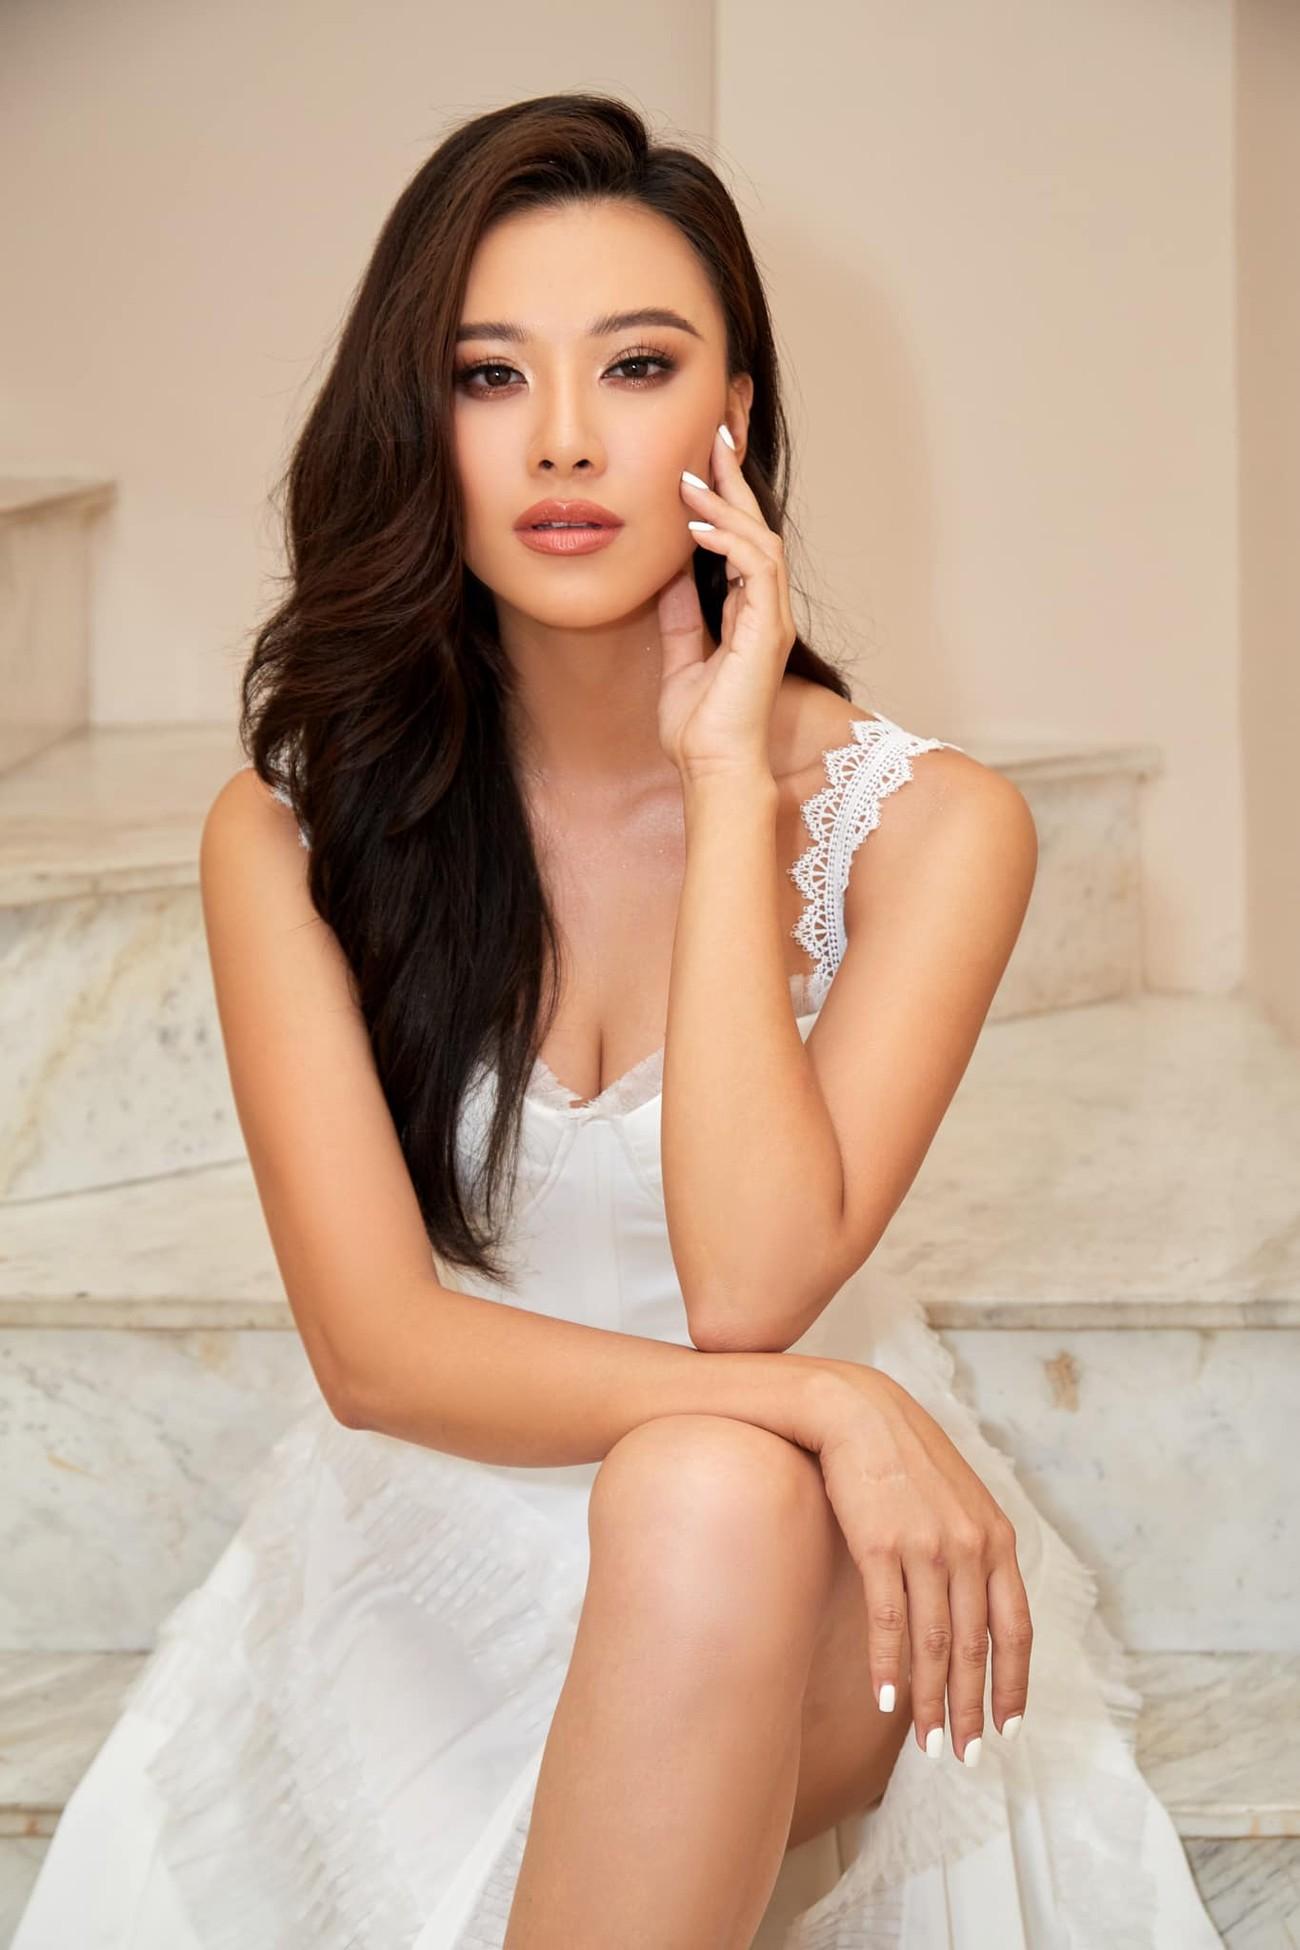 Đỗ Thị Hà mặc mốt giấu quần khoe chân dài sexy, Hoàng Thuỳ diện váy tua rua cắt xẻ táo bạo ảnh 13